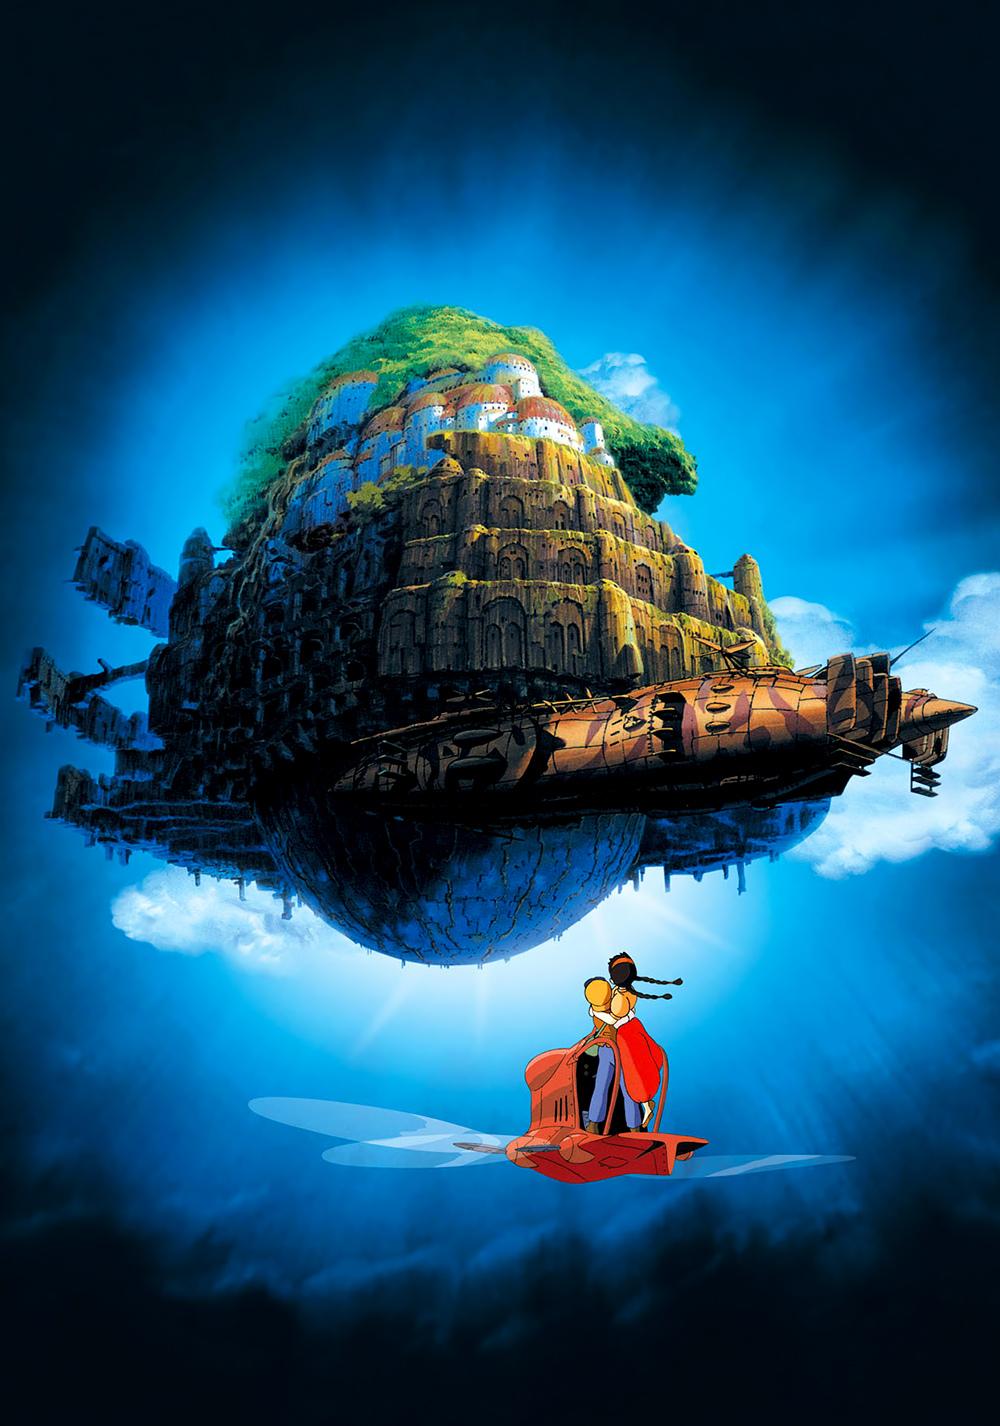 castle in the sky movie fanart fanarttv